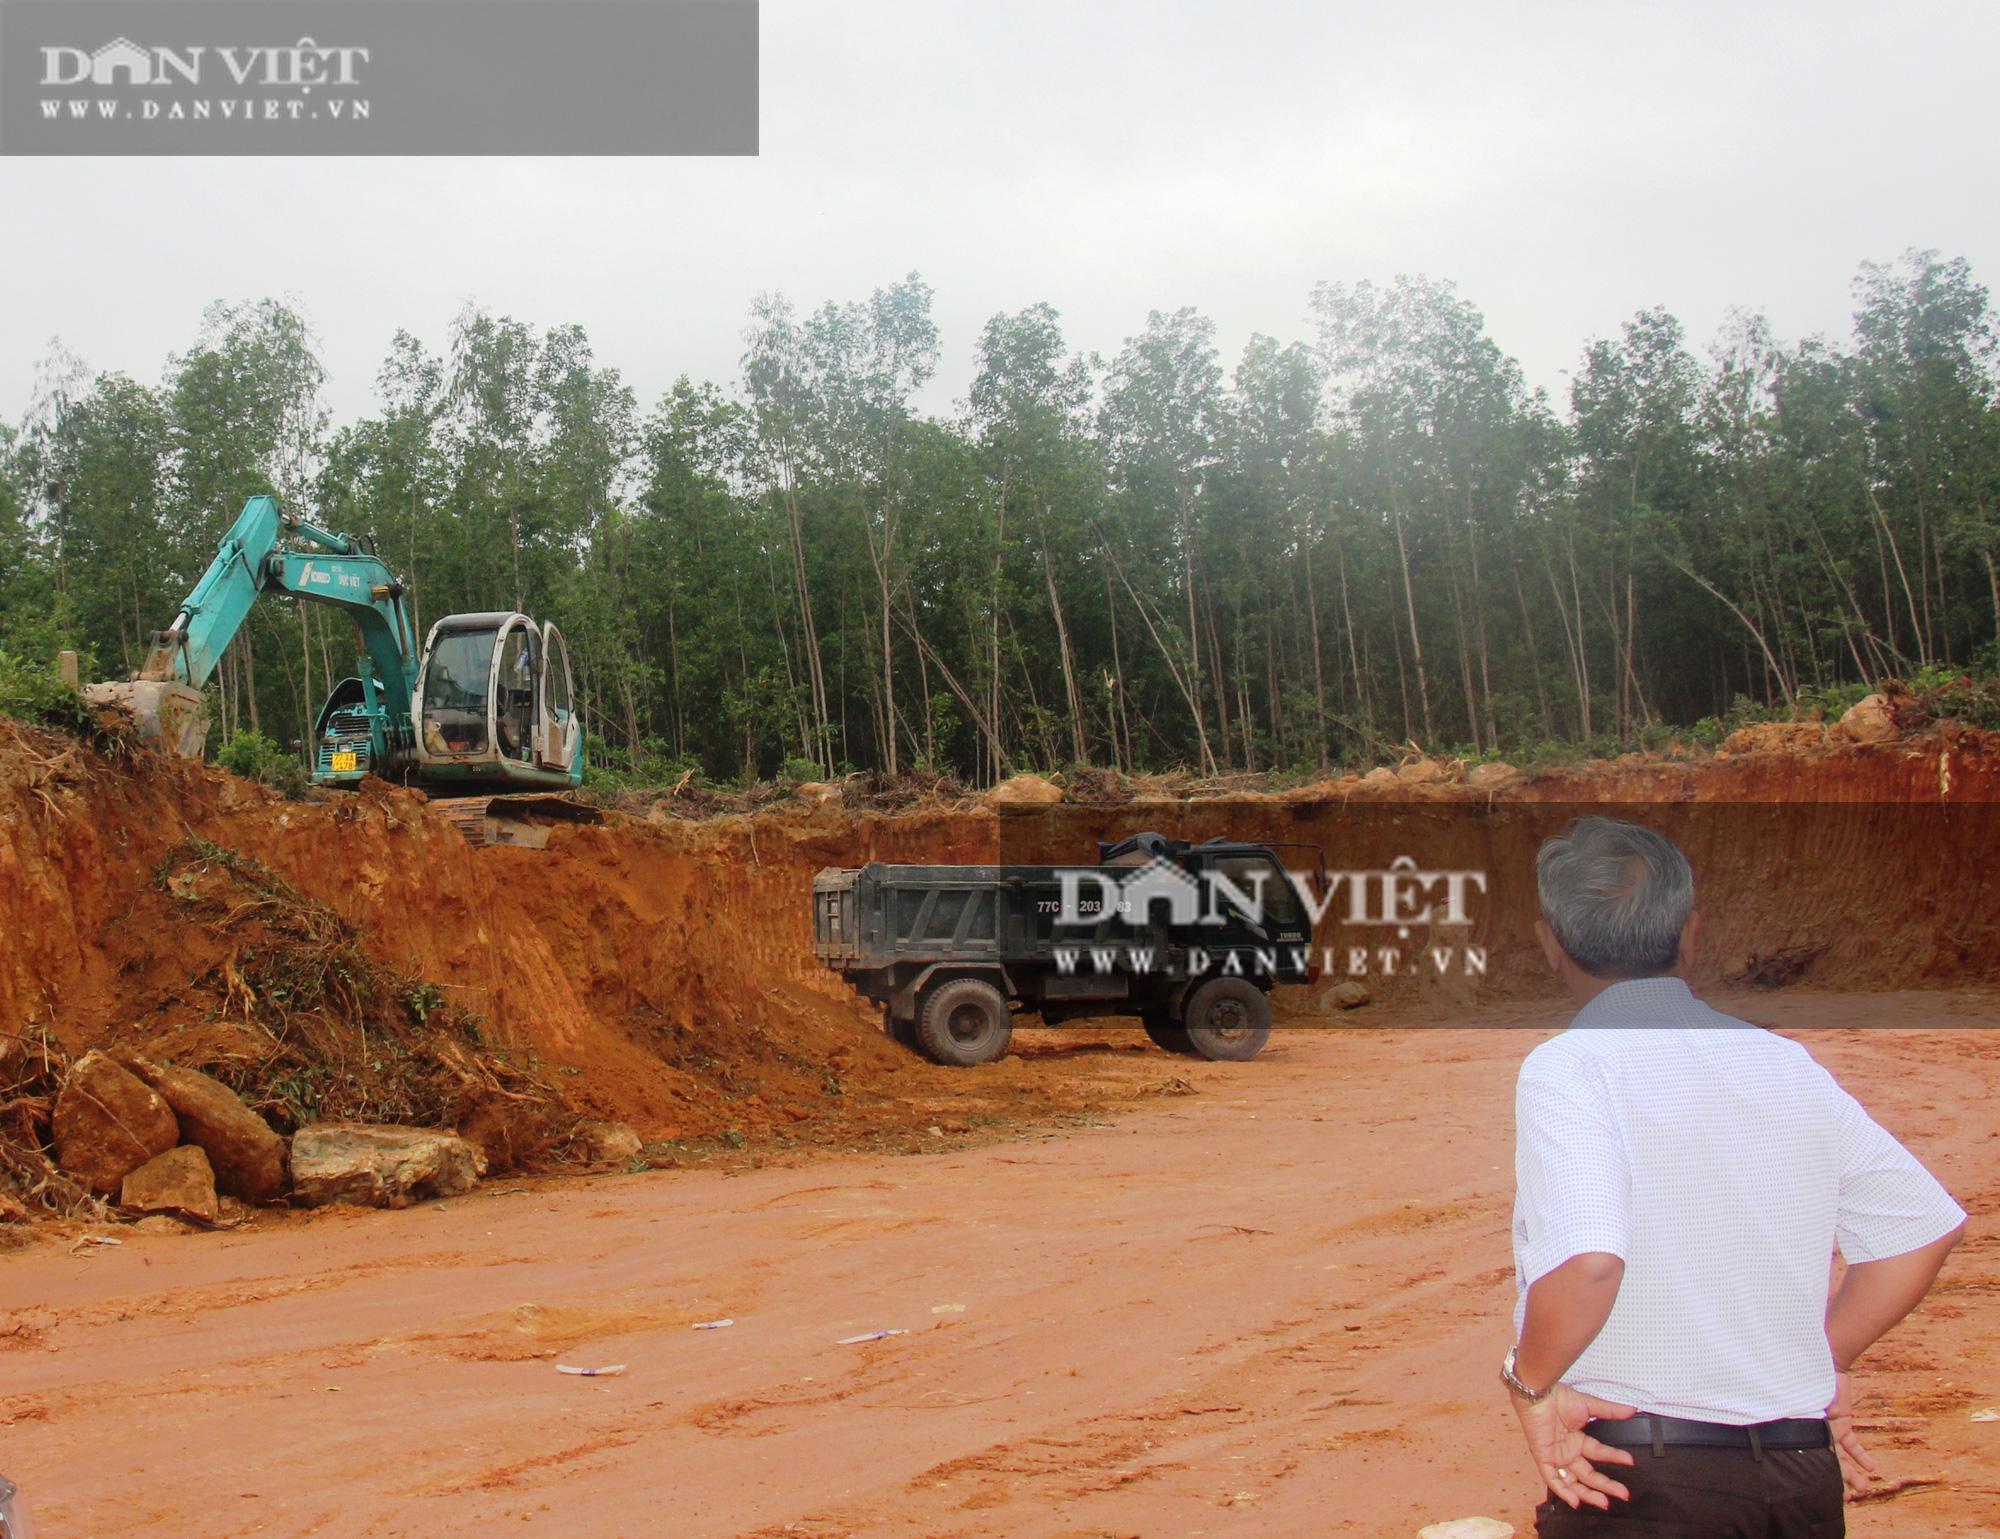 Bình Định: Bất thường thi công gói thầu Công trình nhà nước hơn 12 tỷ đồng - Ảnh 3.